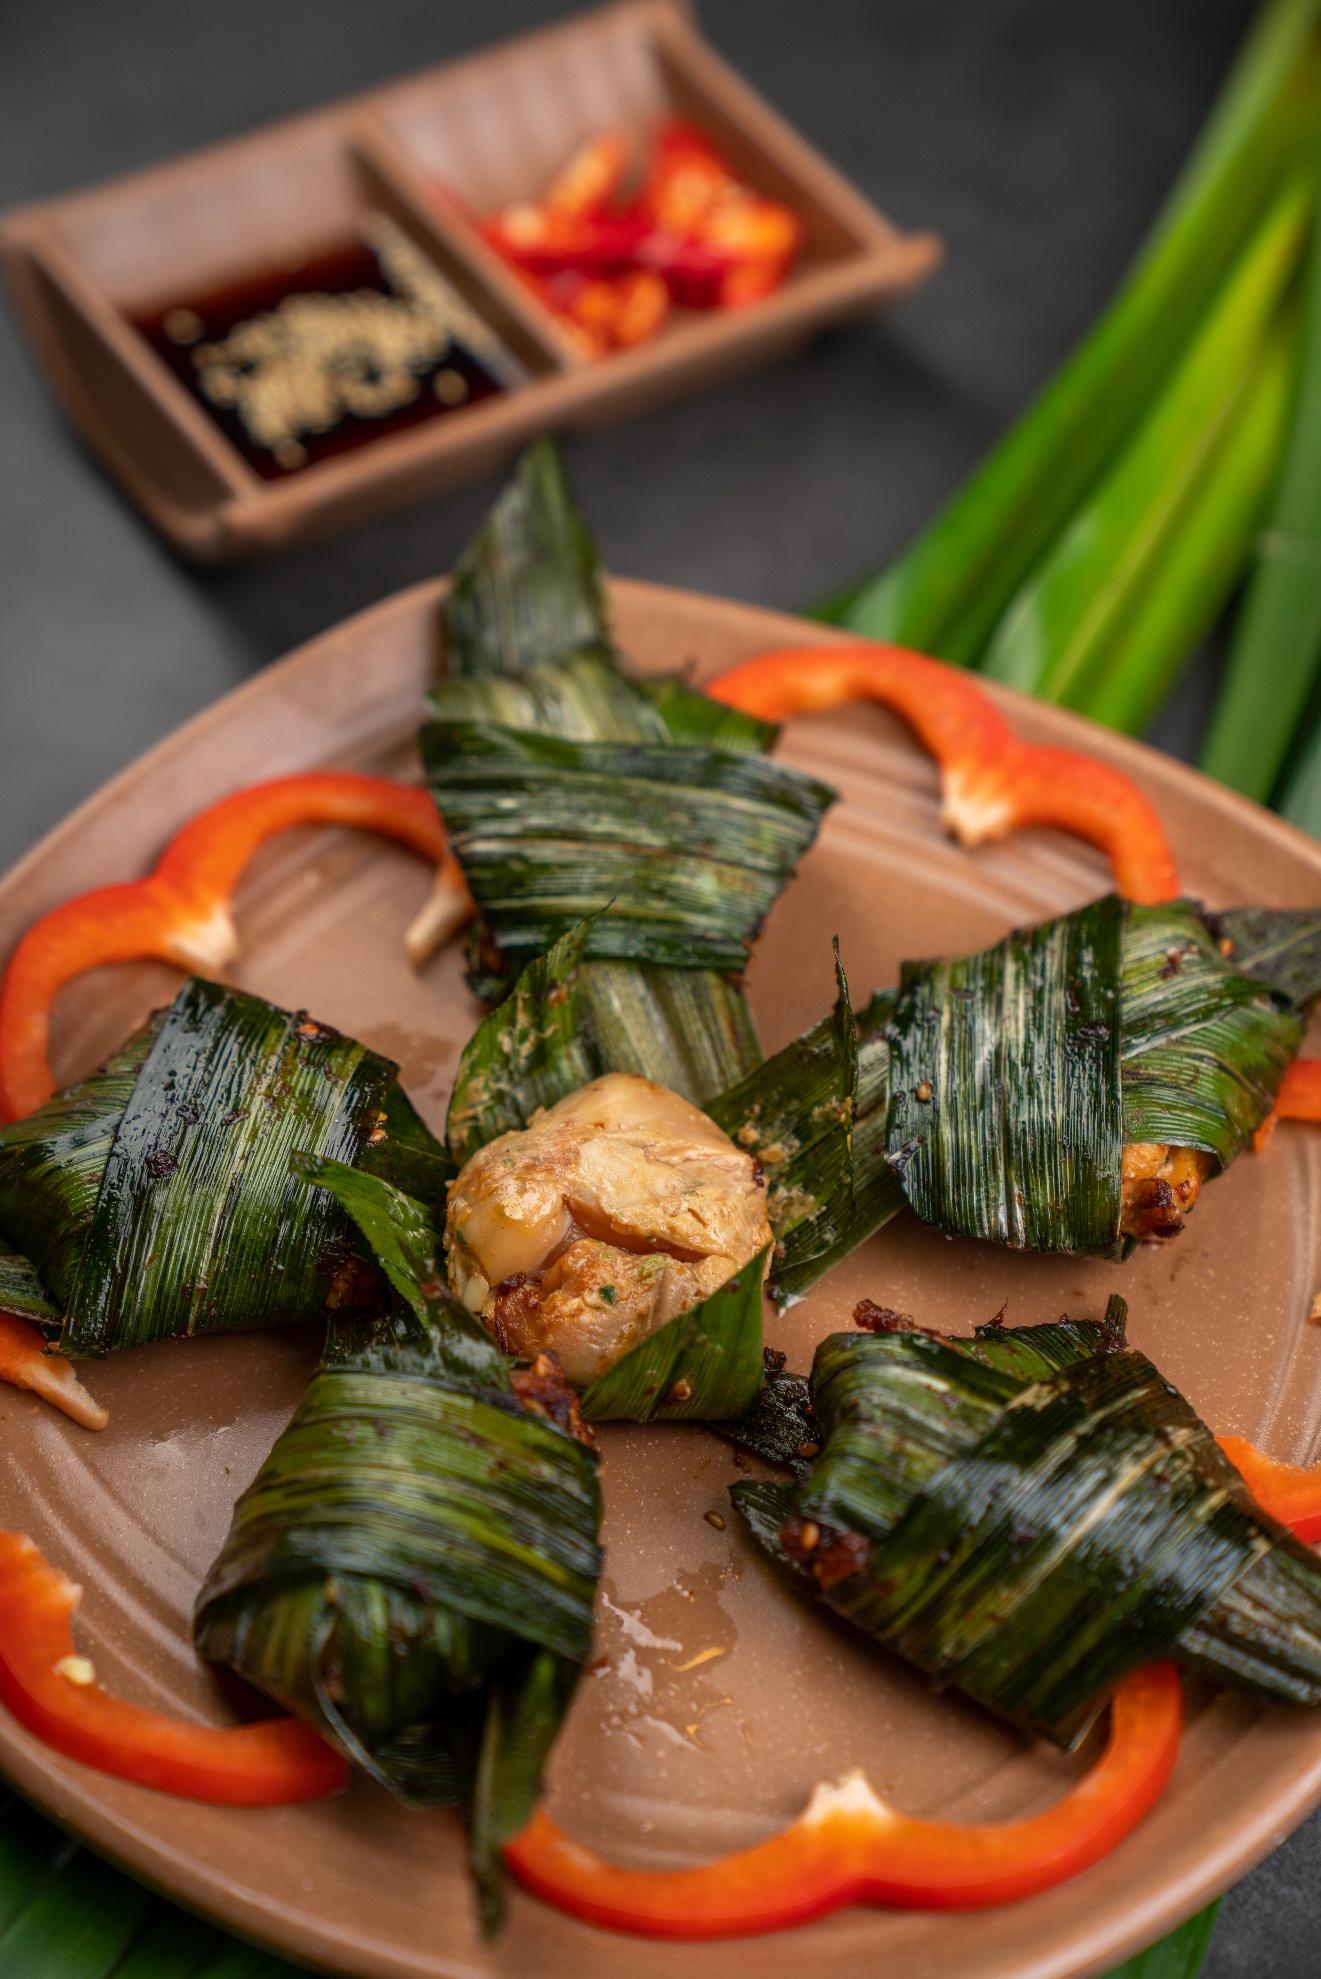 Trời trở lạnh, tụ tập đầu tháng ăn cơm gà Hải Nam lạ miệng, thơm ngon nhưng không hề ngán! - Ảnh 4.